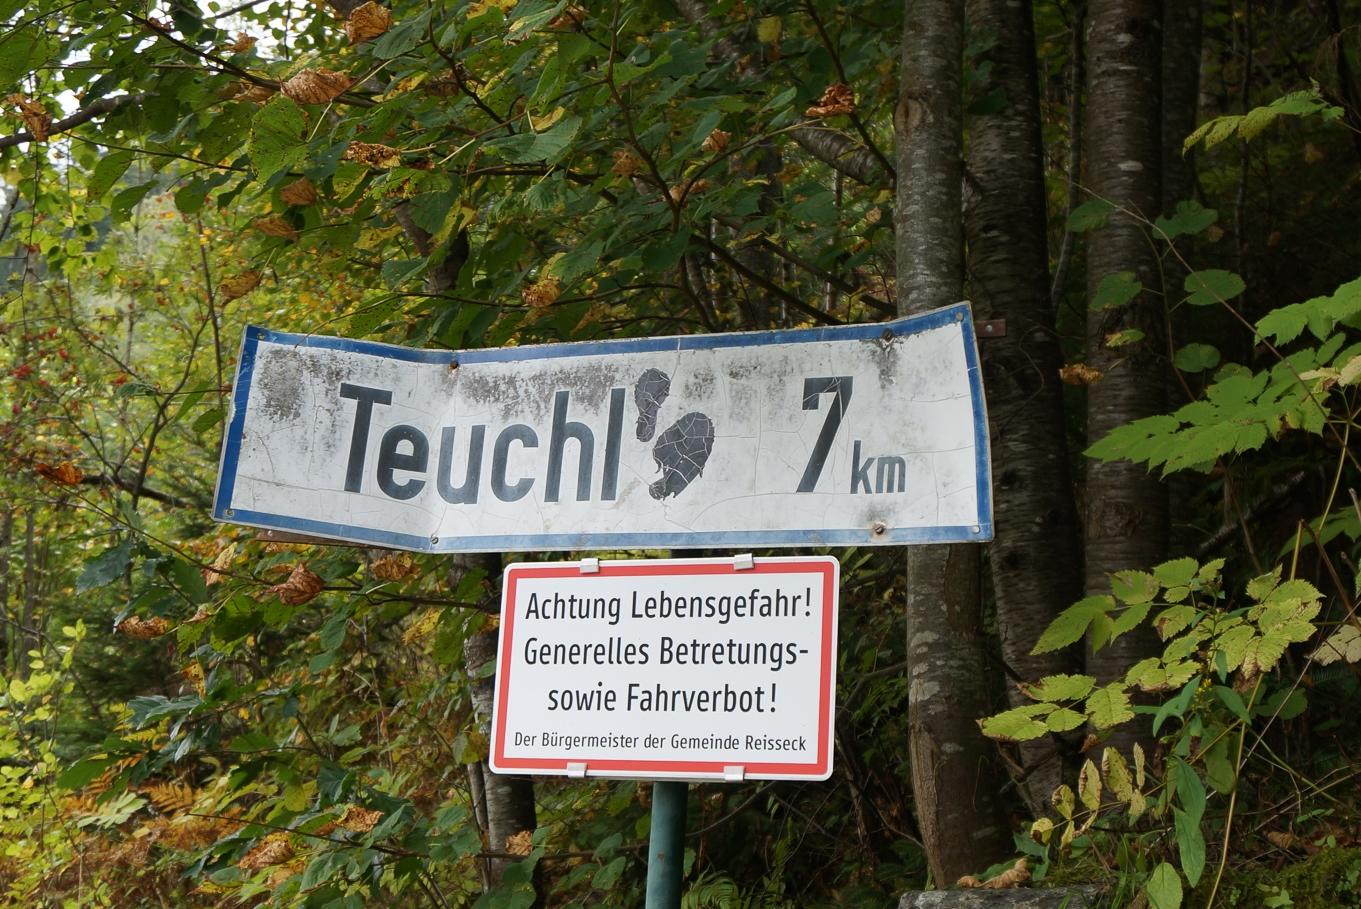 Veranstaltungen im berblick 2020 - Gemeinde Reieck